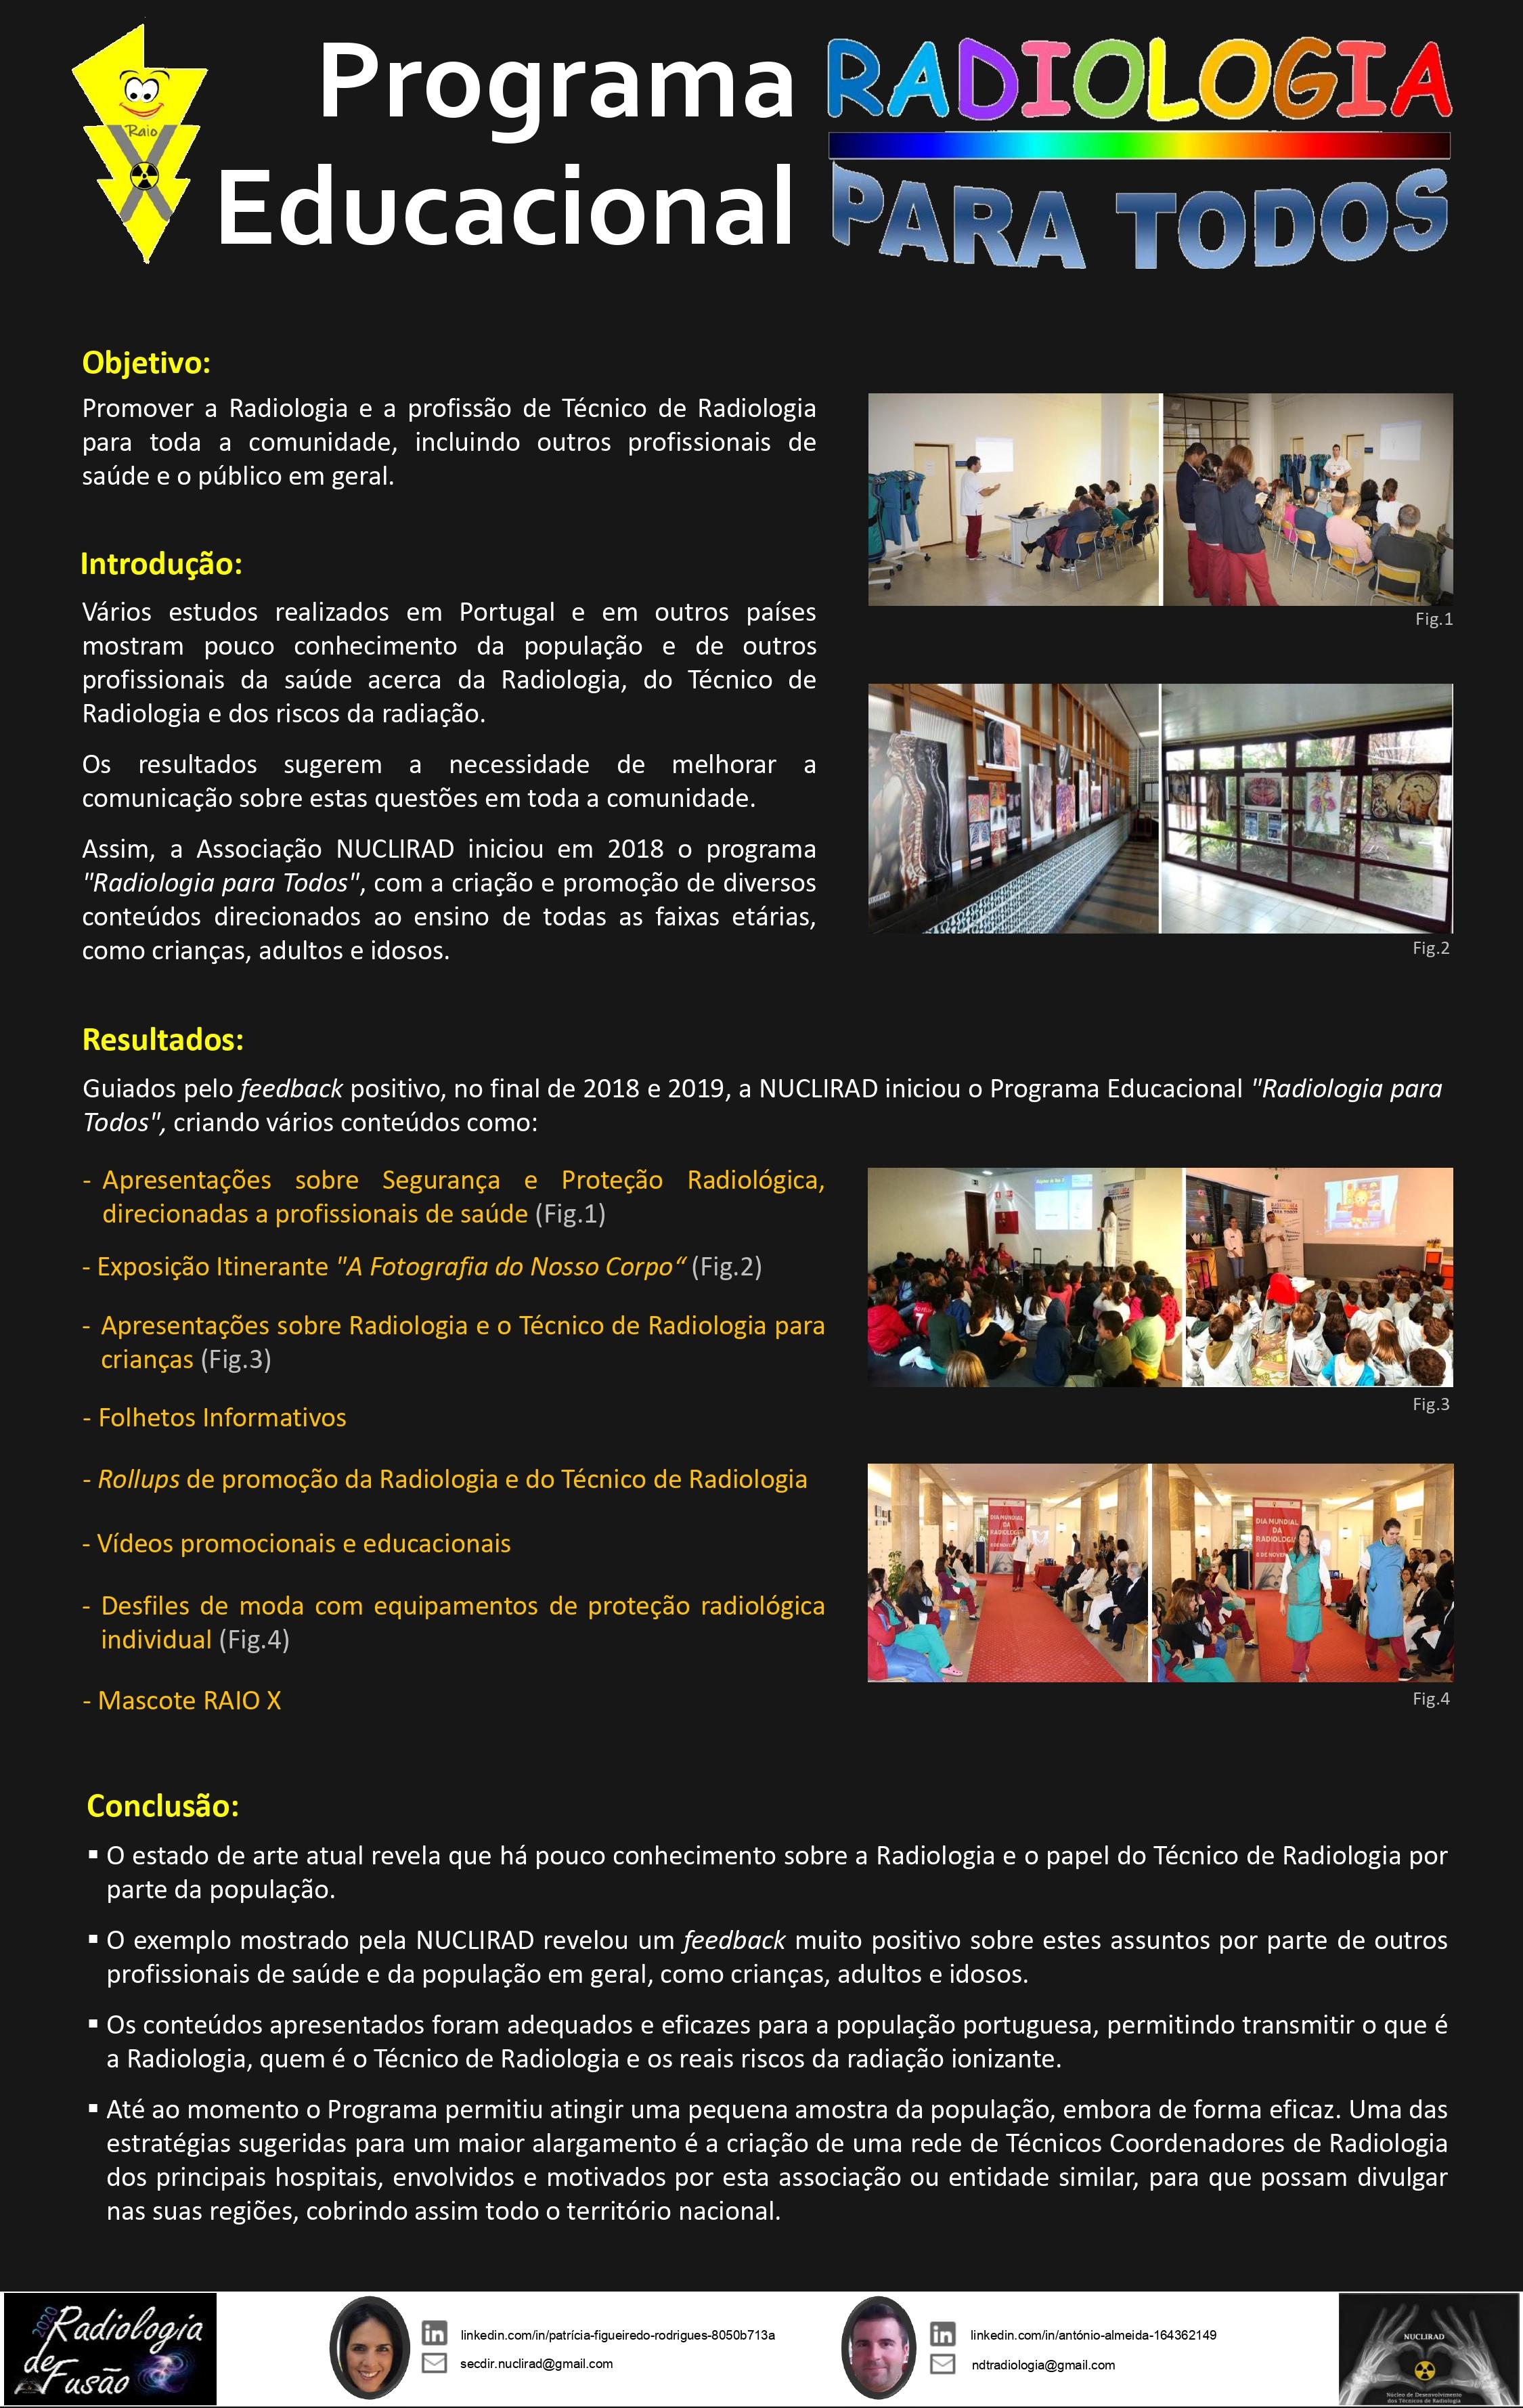 4. Programa Educacional Radiologia para Todos